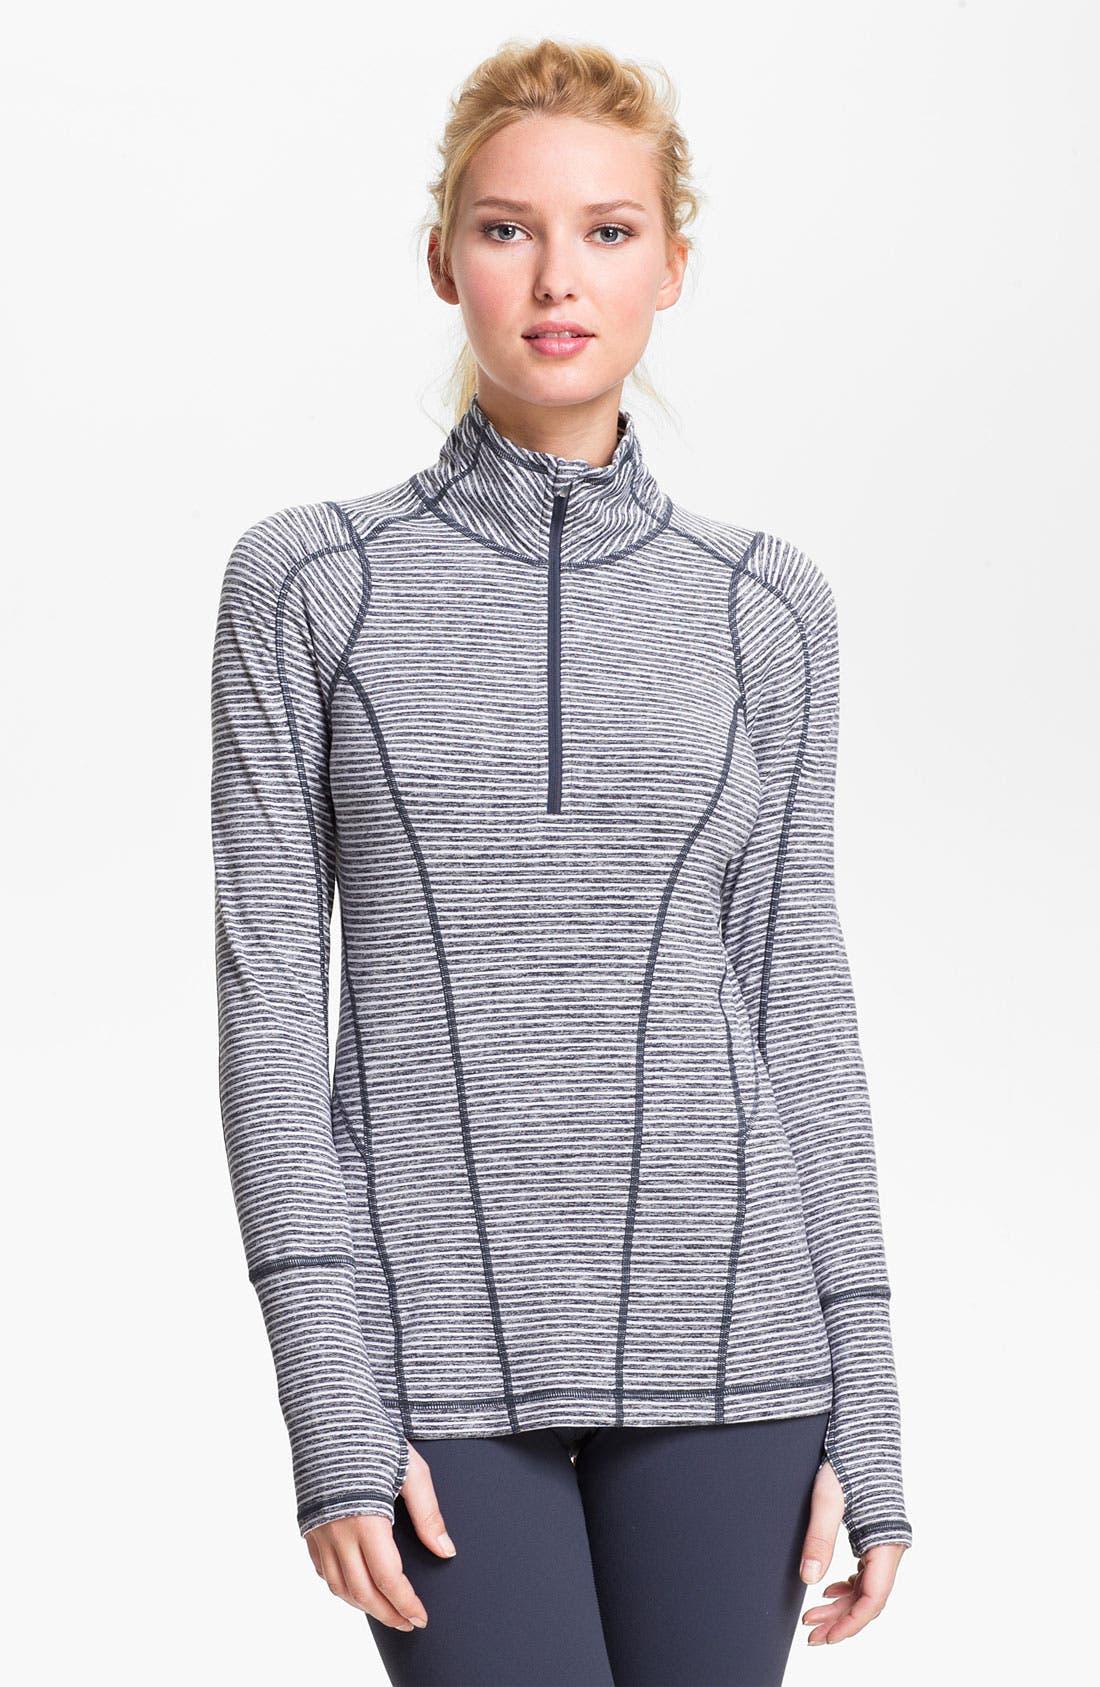 ZELLA 'Good Sport' Stripe Half Zip Top, Main, color, 020